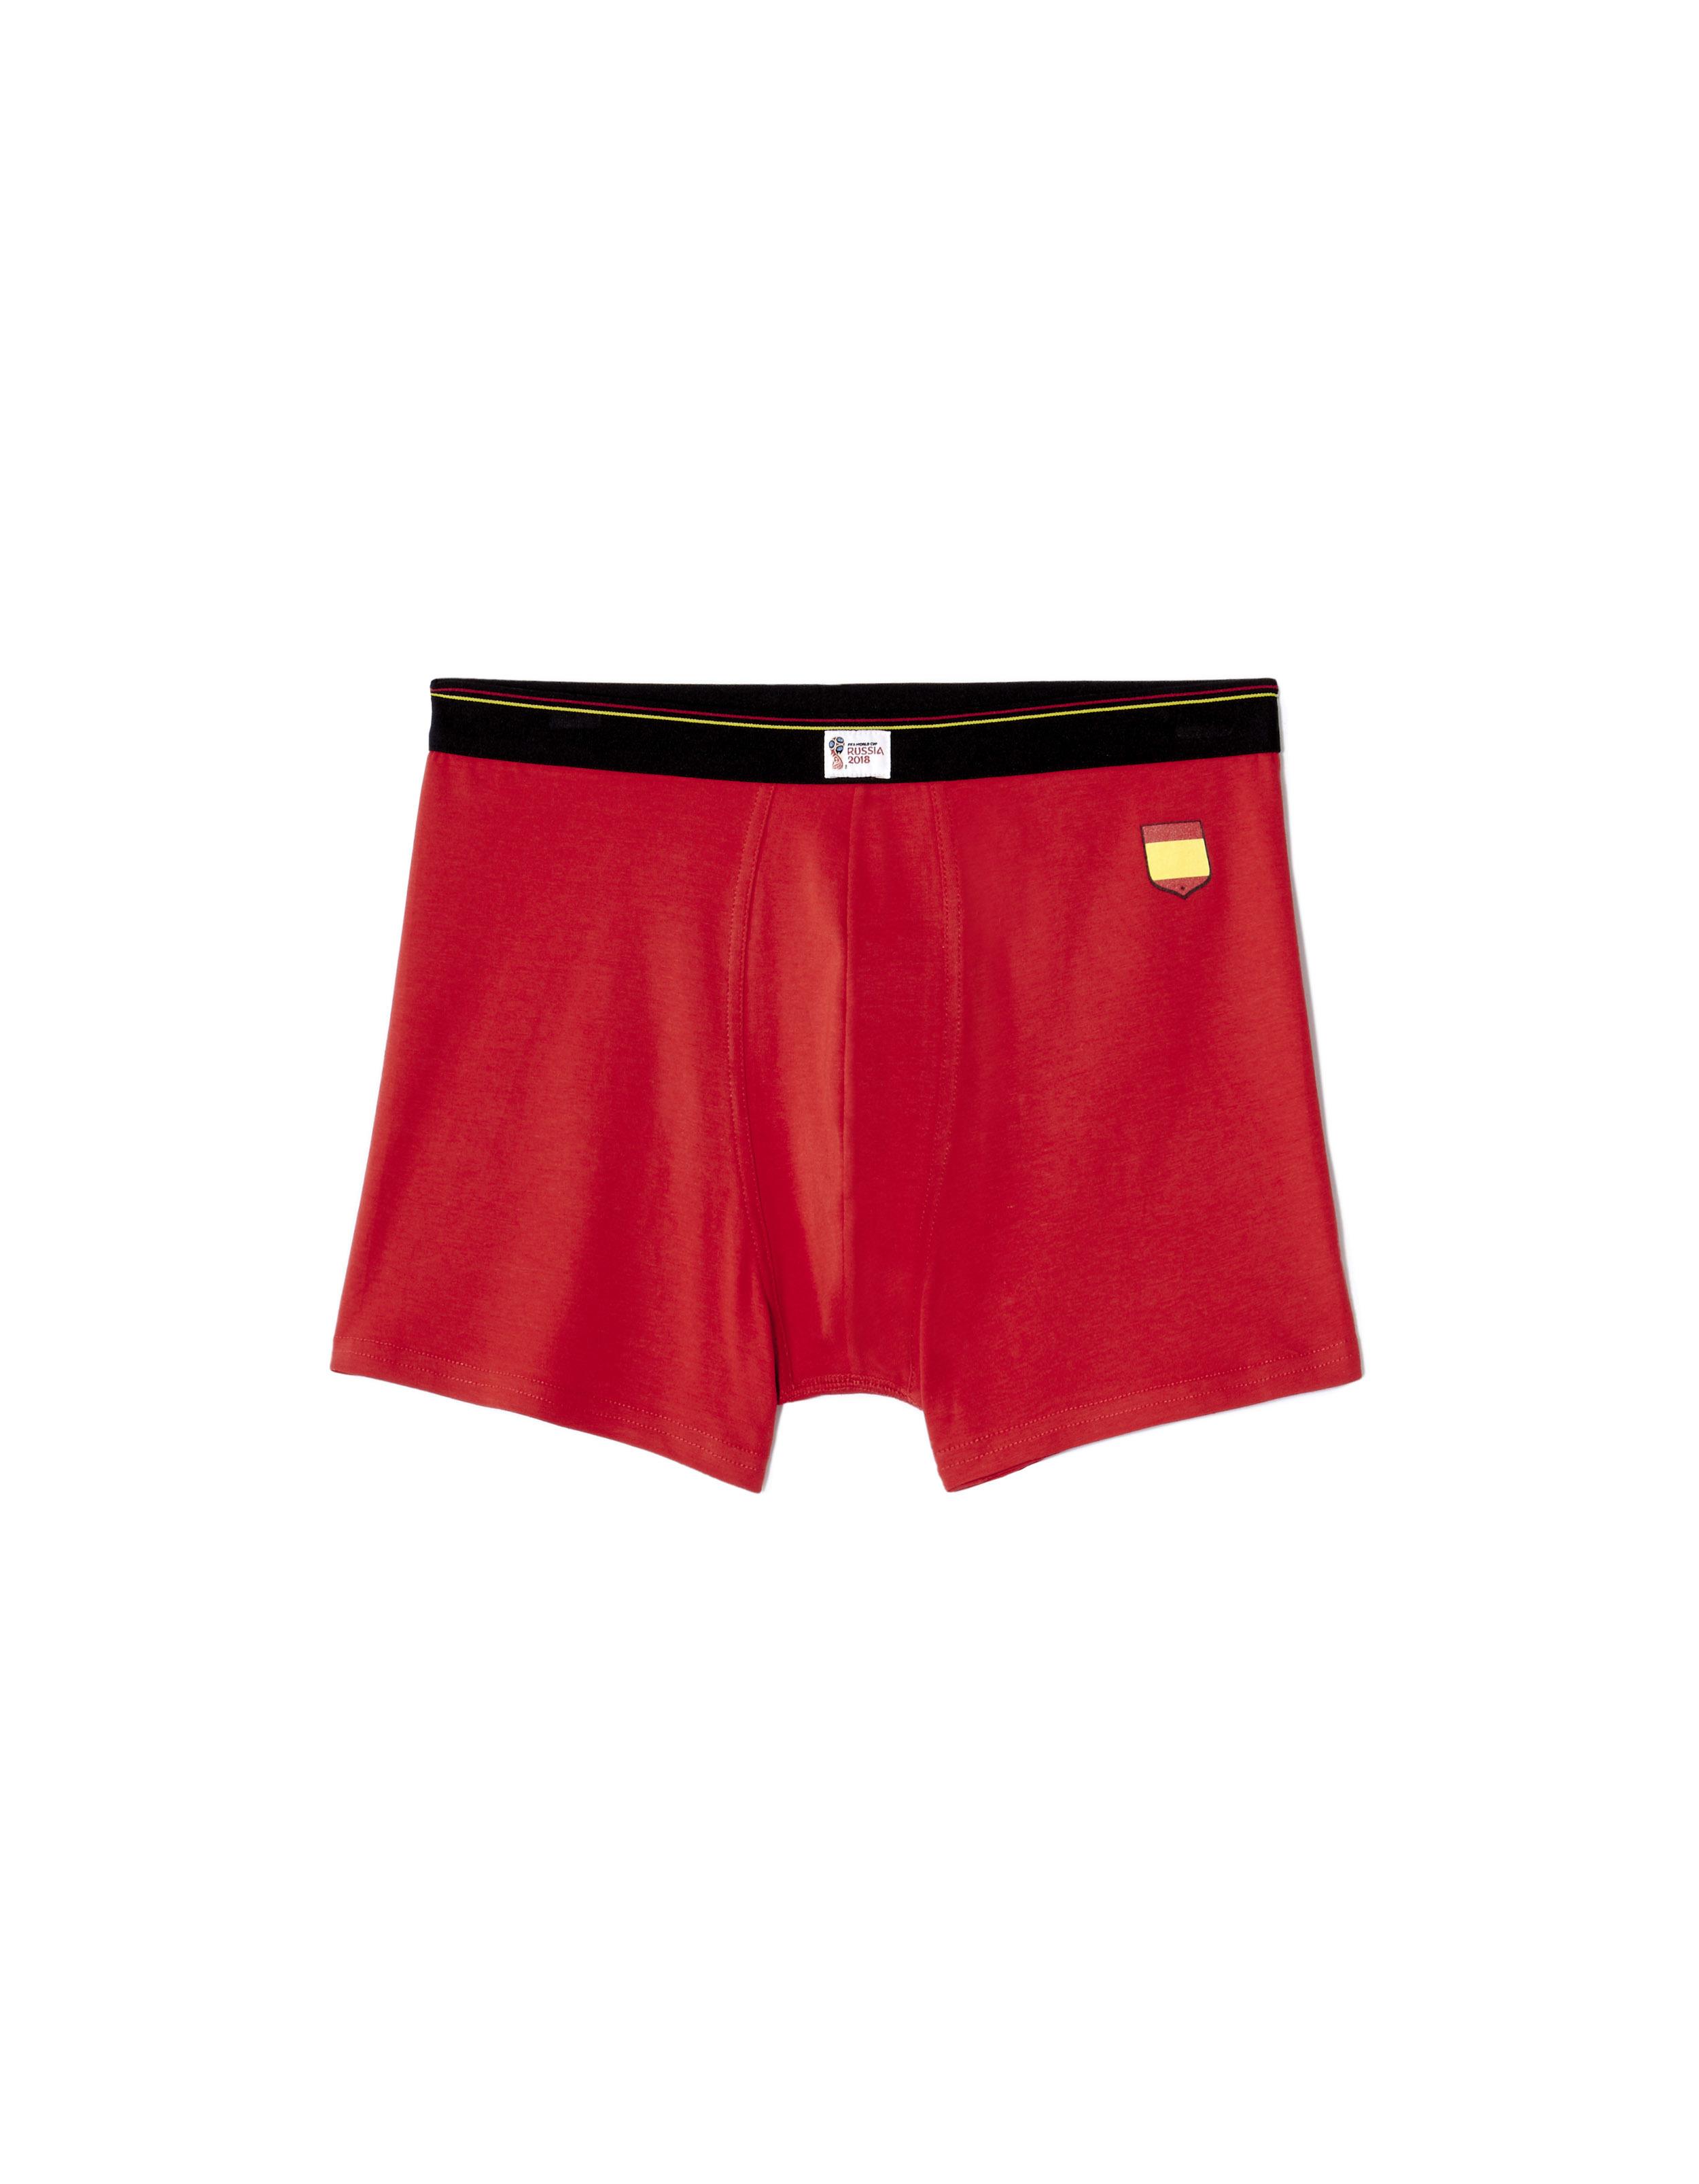 c9718987cbfd CELIO - Boxer homme coloris rouge et ceinture noire - pas cher Achat ...